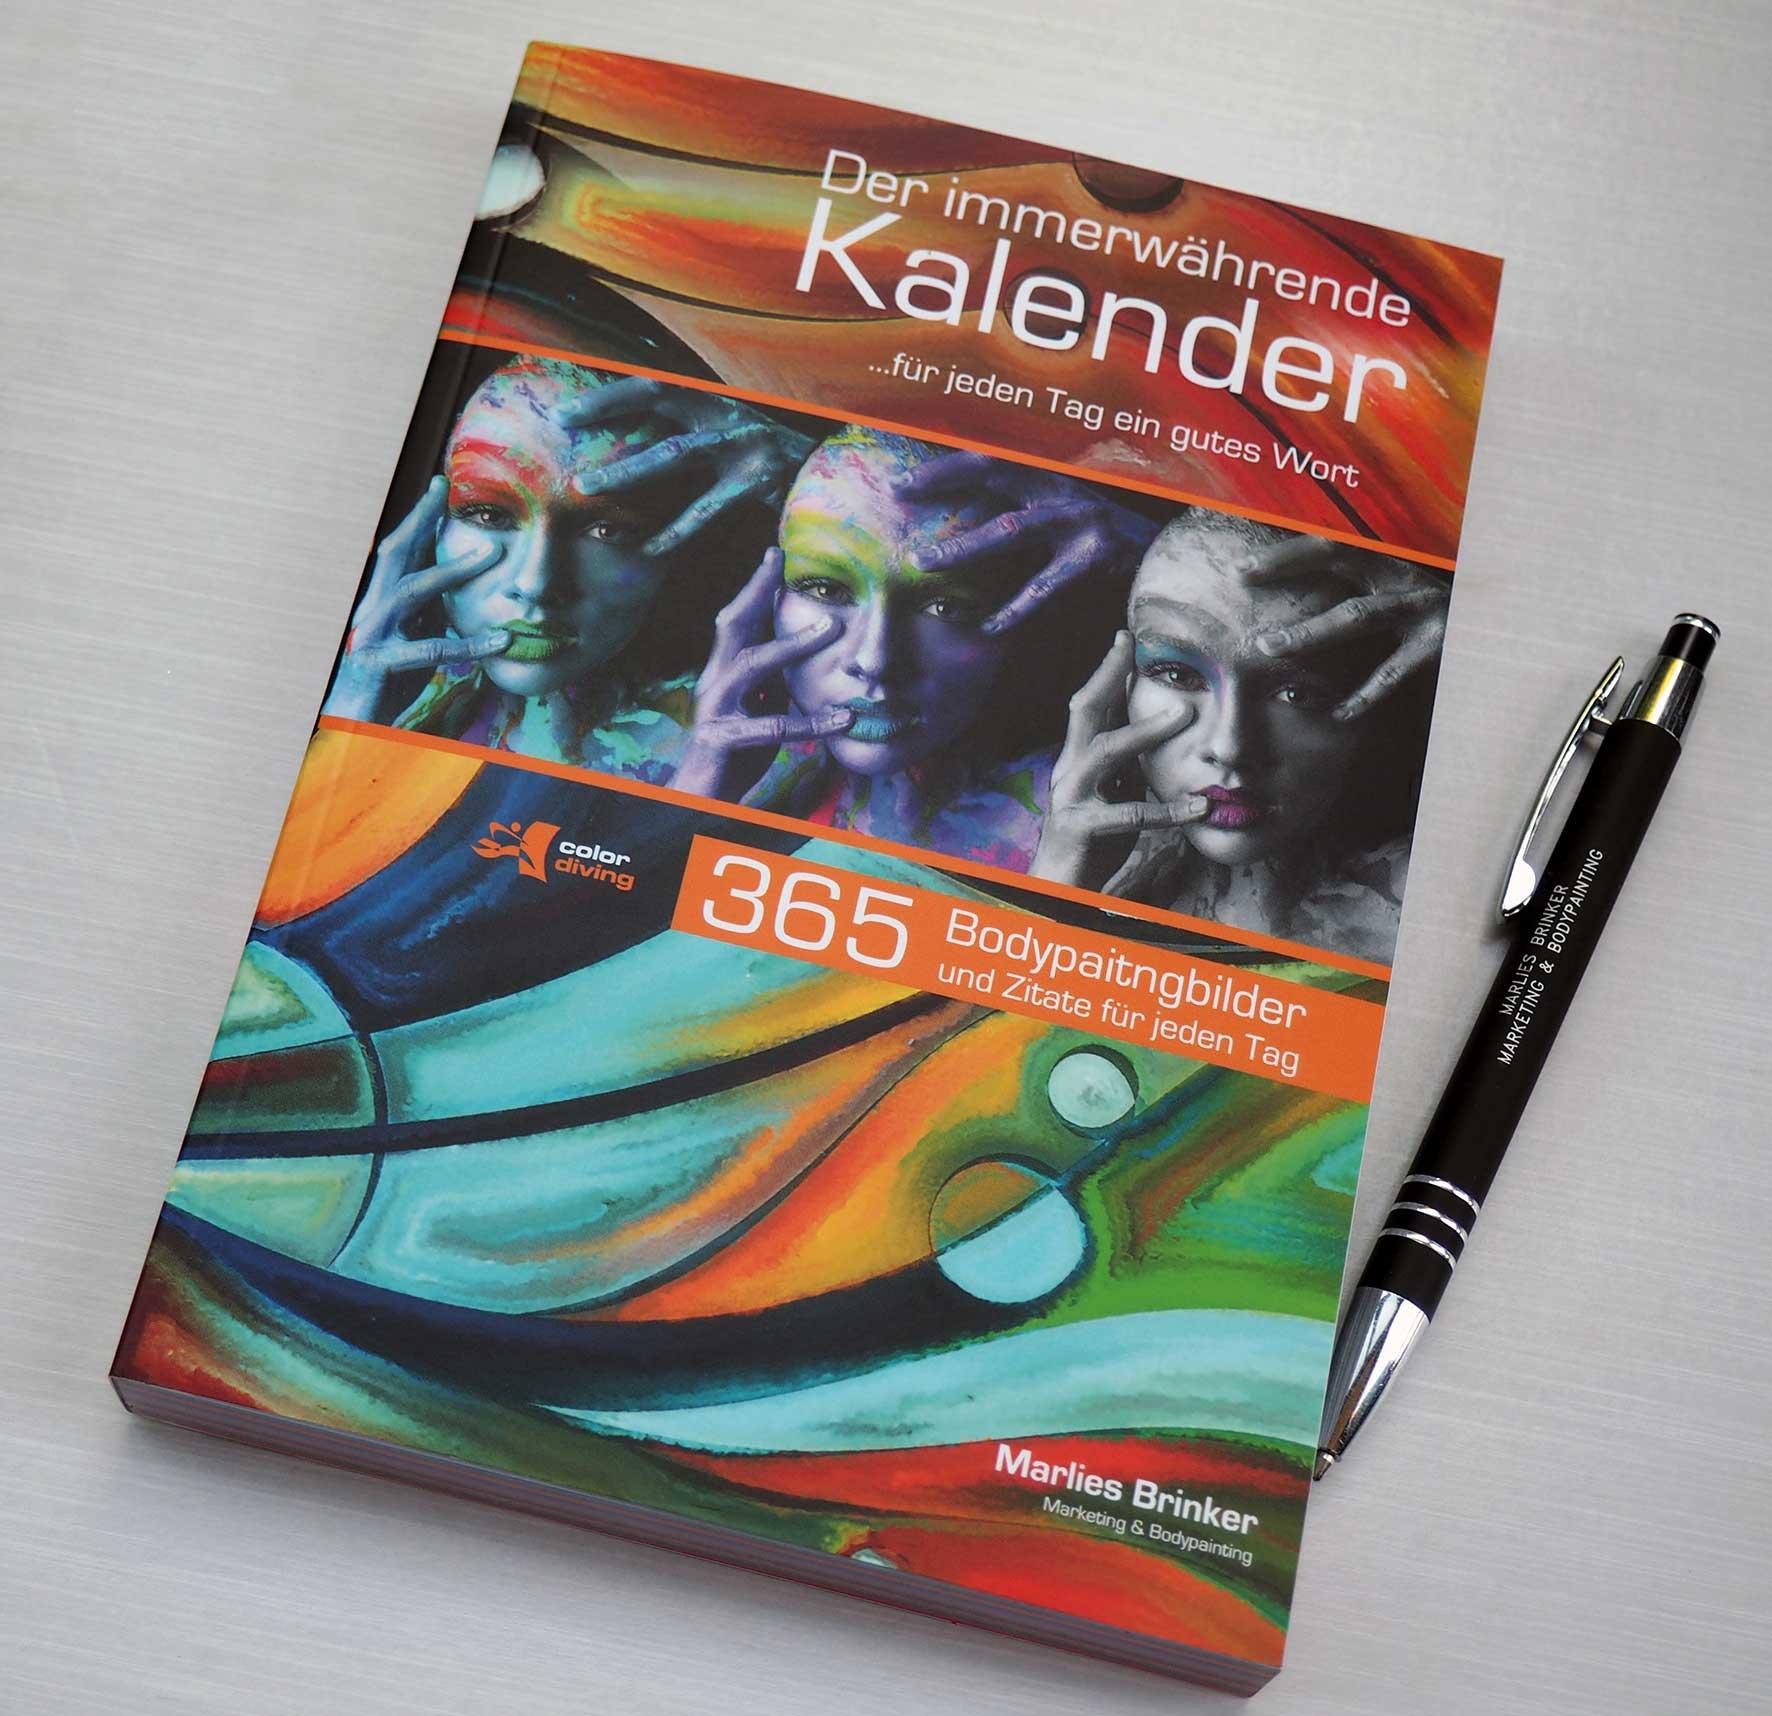 Der immerwährende Kalender